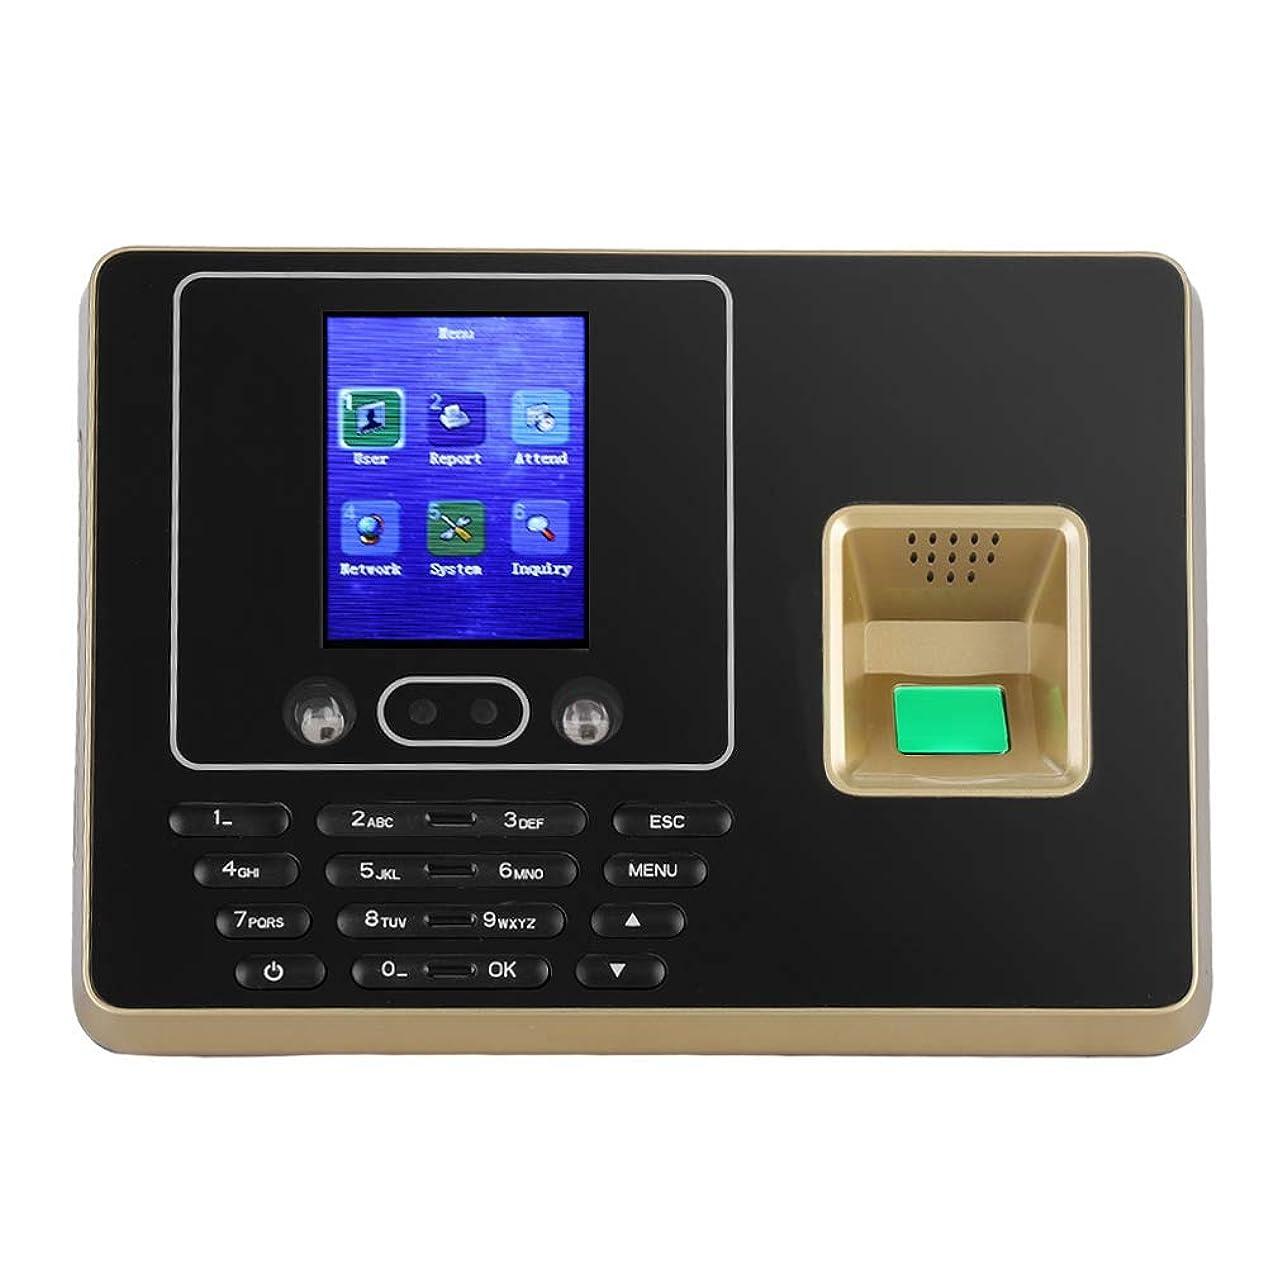 第二比類のないまろやかな指紋認証 VBESTLIFE タイムレコーダー 2.8インチ TFTディスプレイ指紋タイムクロック 指紋 パスワード IDカード 出退勤記録 レコーダーマシン オフィス、工場、ホテル、学校適用(USプラグ)